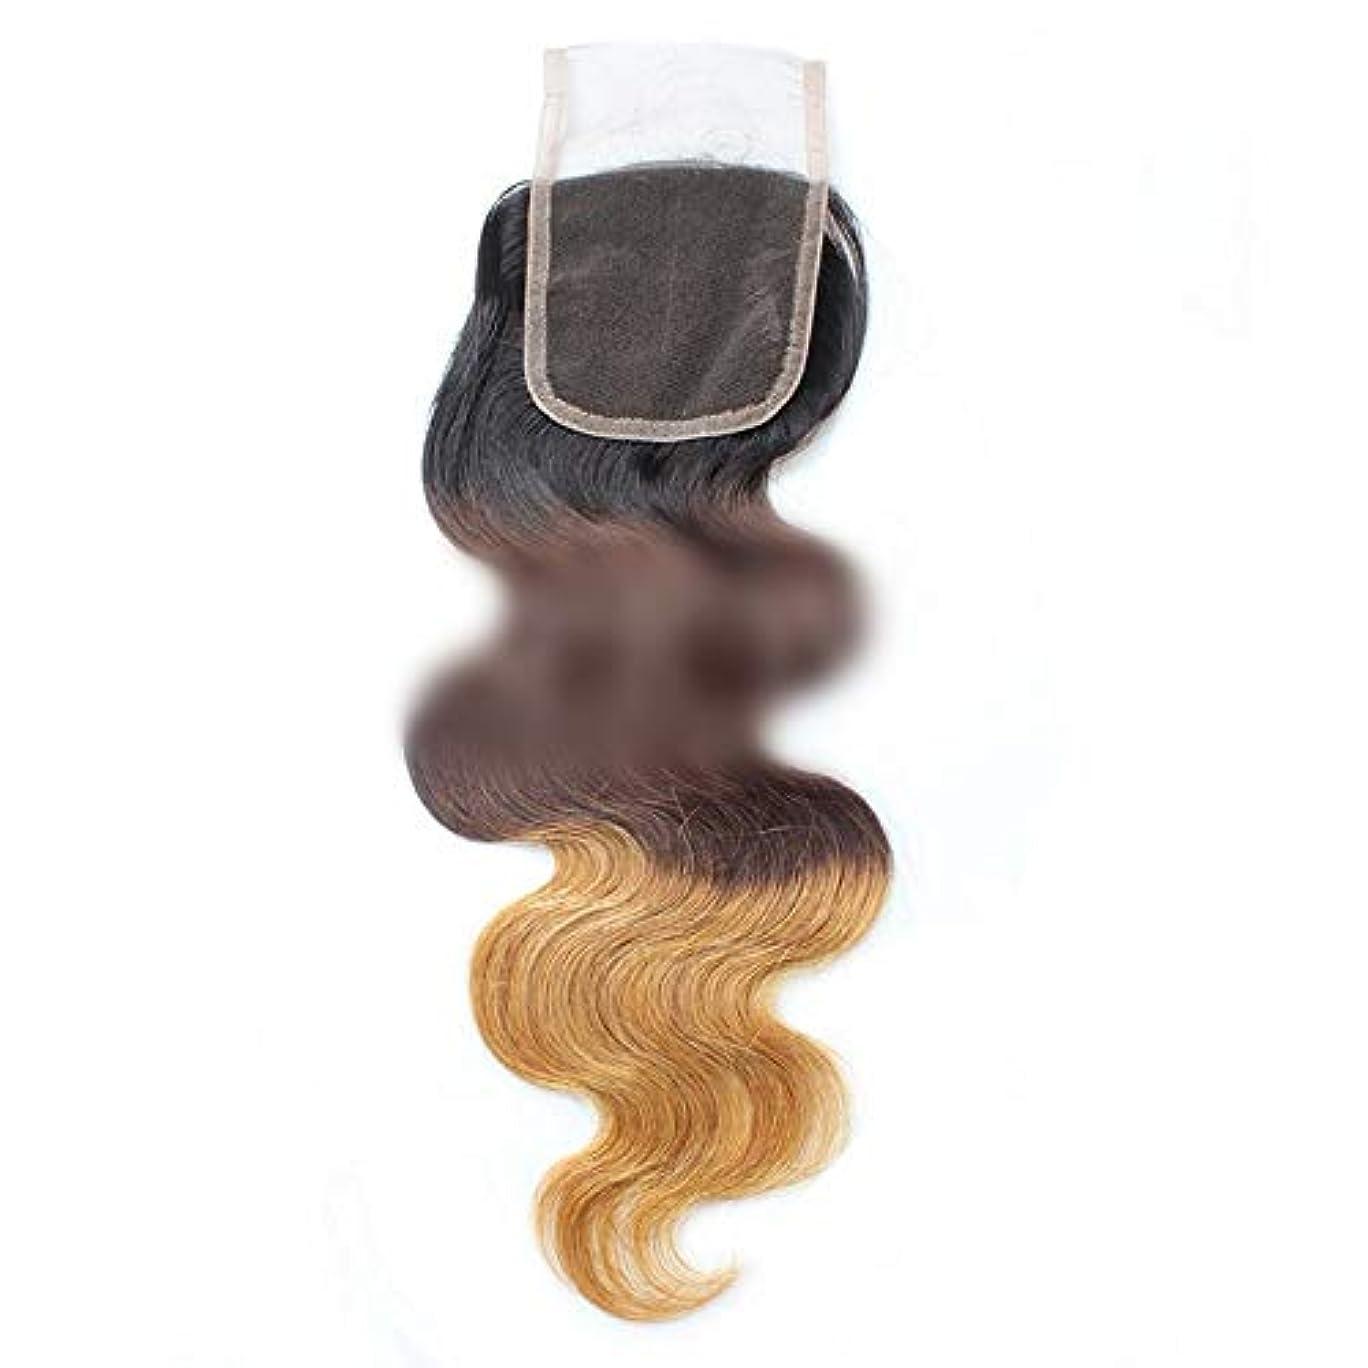 ペレット大鈍いBOBIDYEE 実体波4×4レース前頭閉鎖人間の髪の毛黒から茶色への3トーンカラー無料パートヘアコンポジットヘアレースかつらロールプレイングかつらロングとショート女性自然 (色 : ブラウン, サイズ : 18 inch)